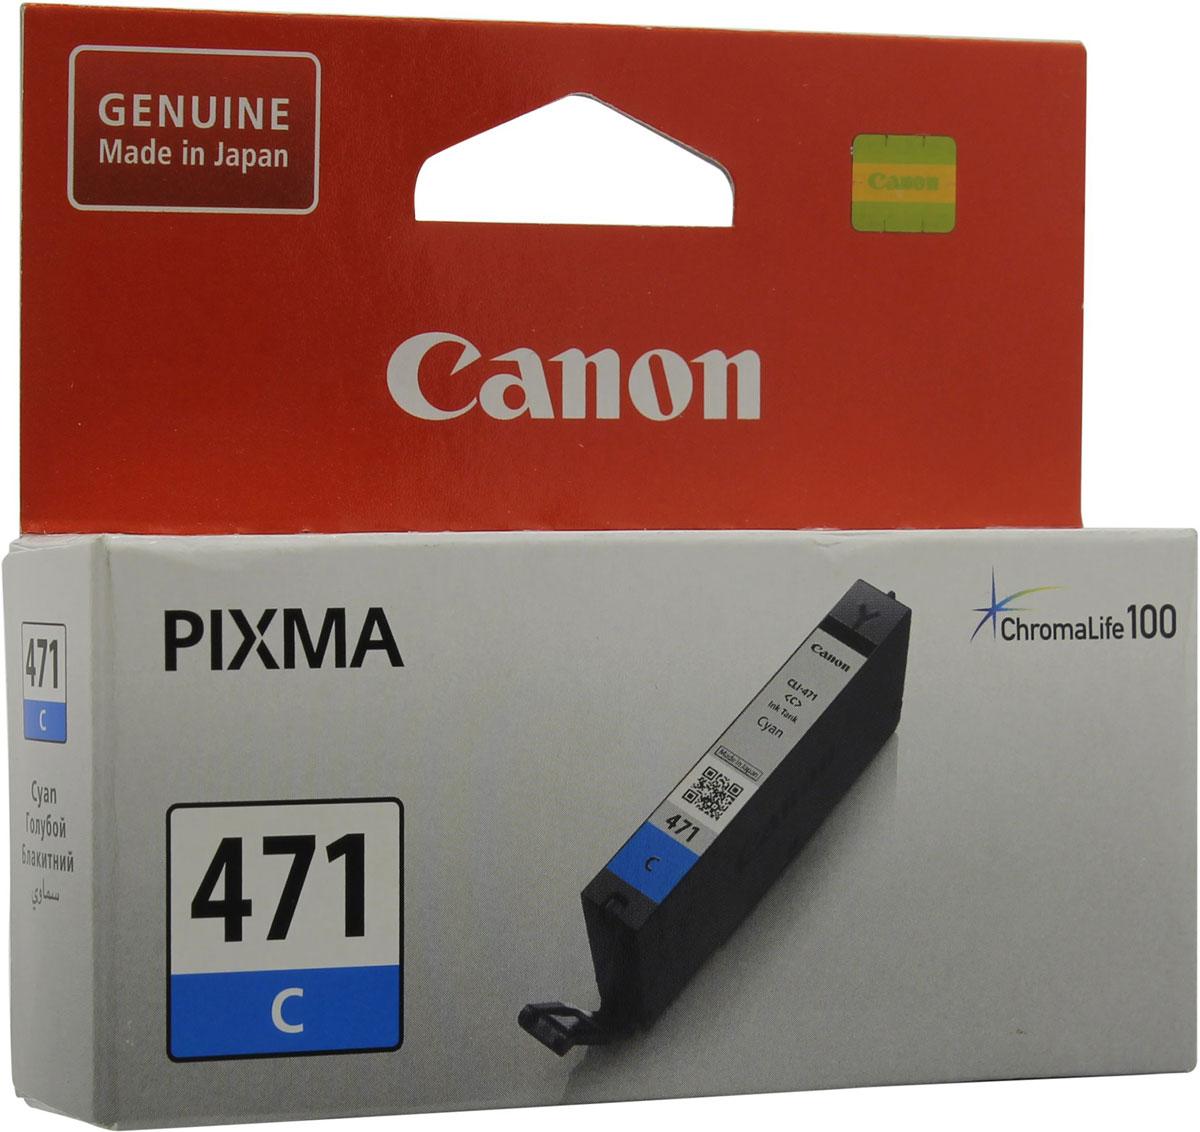 Canon CLI-471, Cyan картридж для PIXMA MG5740/MG6840/MG77400401C001Оригинальный картридж Canon CLI-471 с оригинальными чернилами гарантирует профессиональный вид печатаемых документов и высокую производительность. Надежная печать без проблем. Точная цветопередача и быстрое высыхание. Для получения красивых и долговечных отпечатков сделайте выбор в пользу чернил Canon.